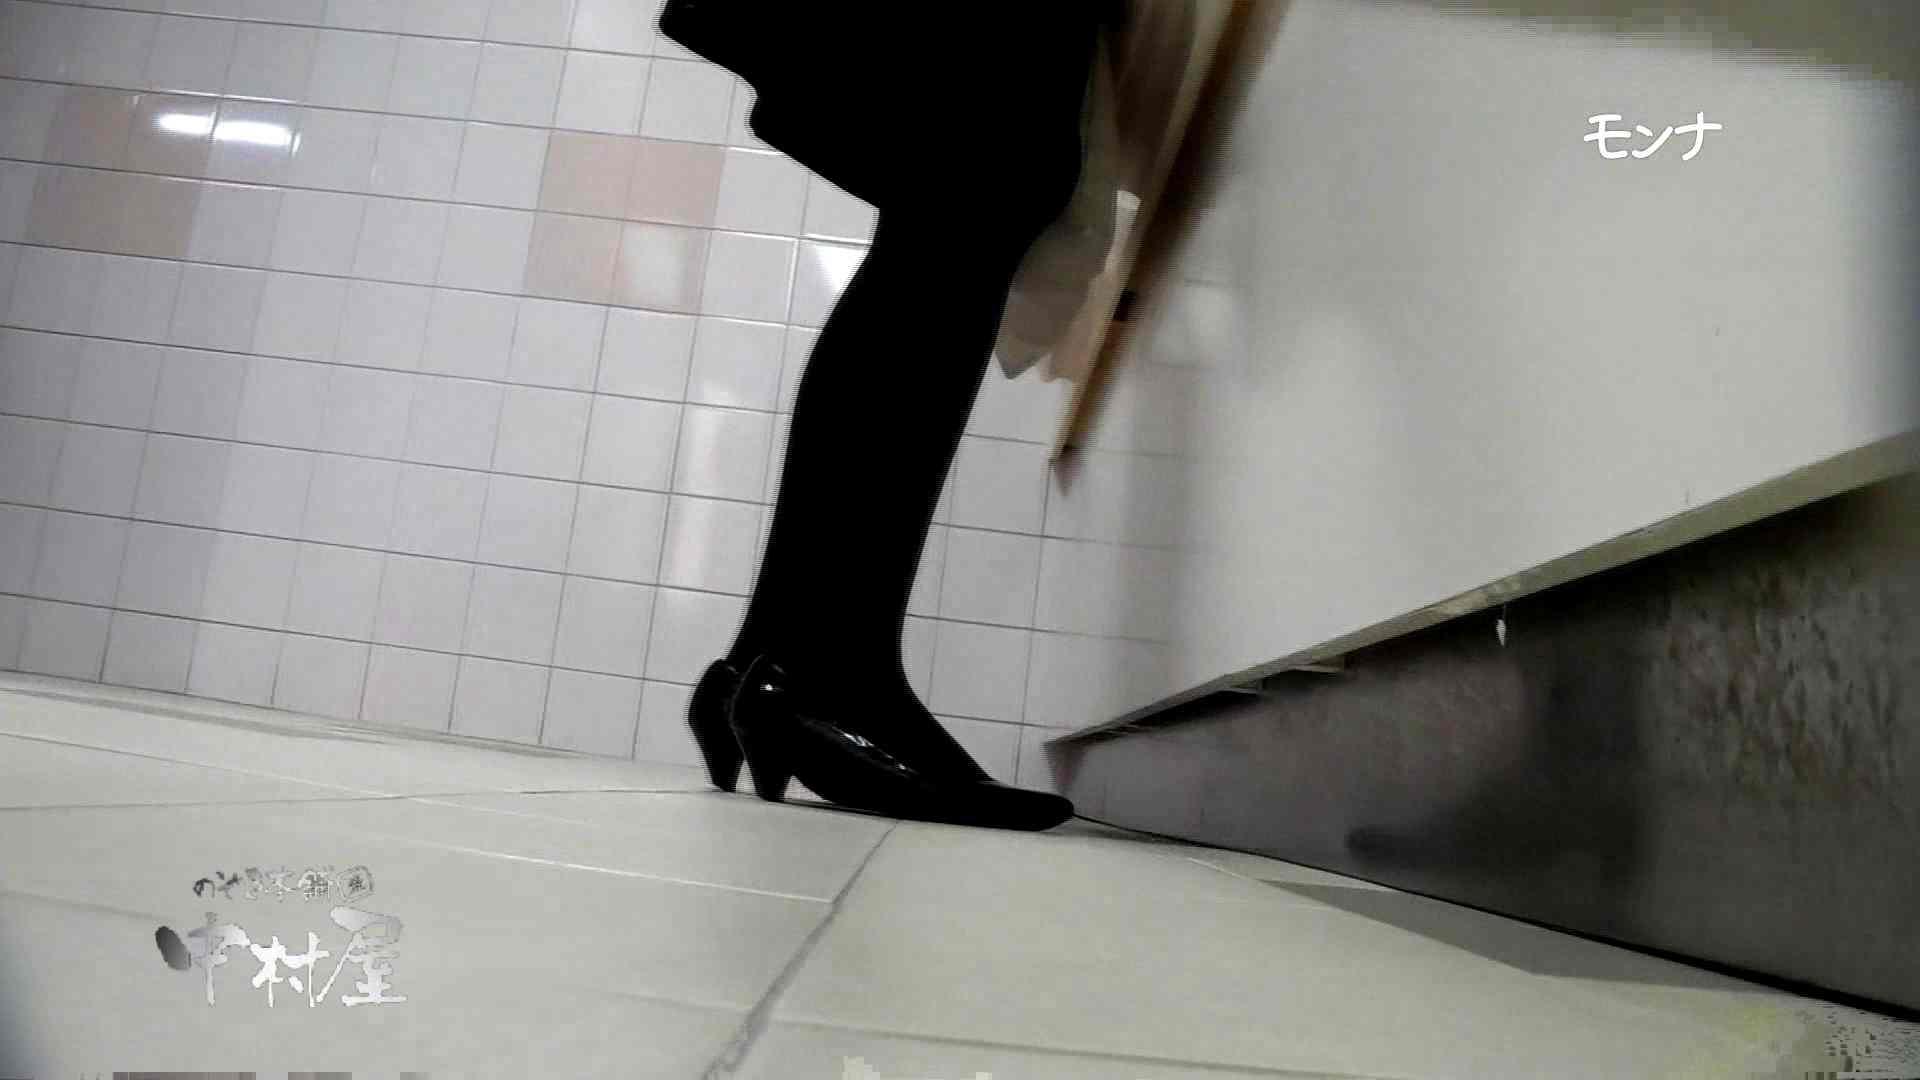 【美しい日本の未来】新学期!!下半身中心に攻めてます美女可愛い女子悪戯盗satuトイレ後編 0 | 0  40連発 7